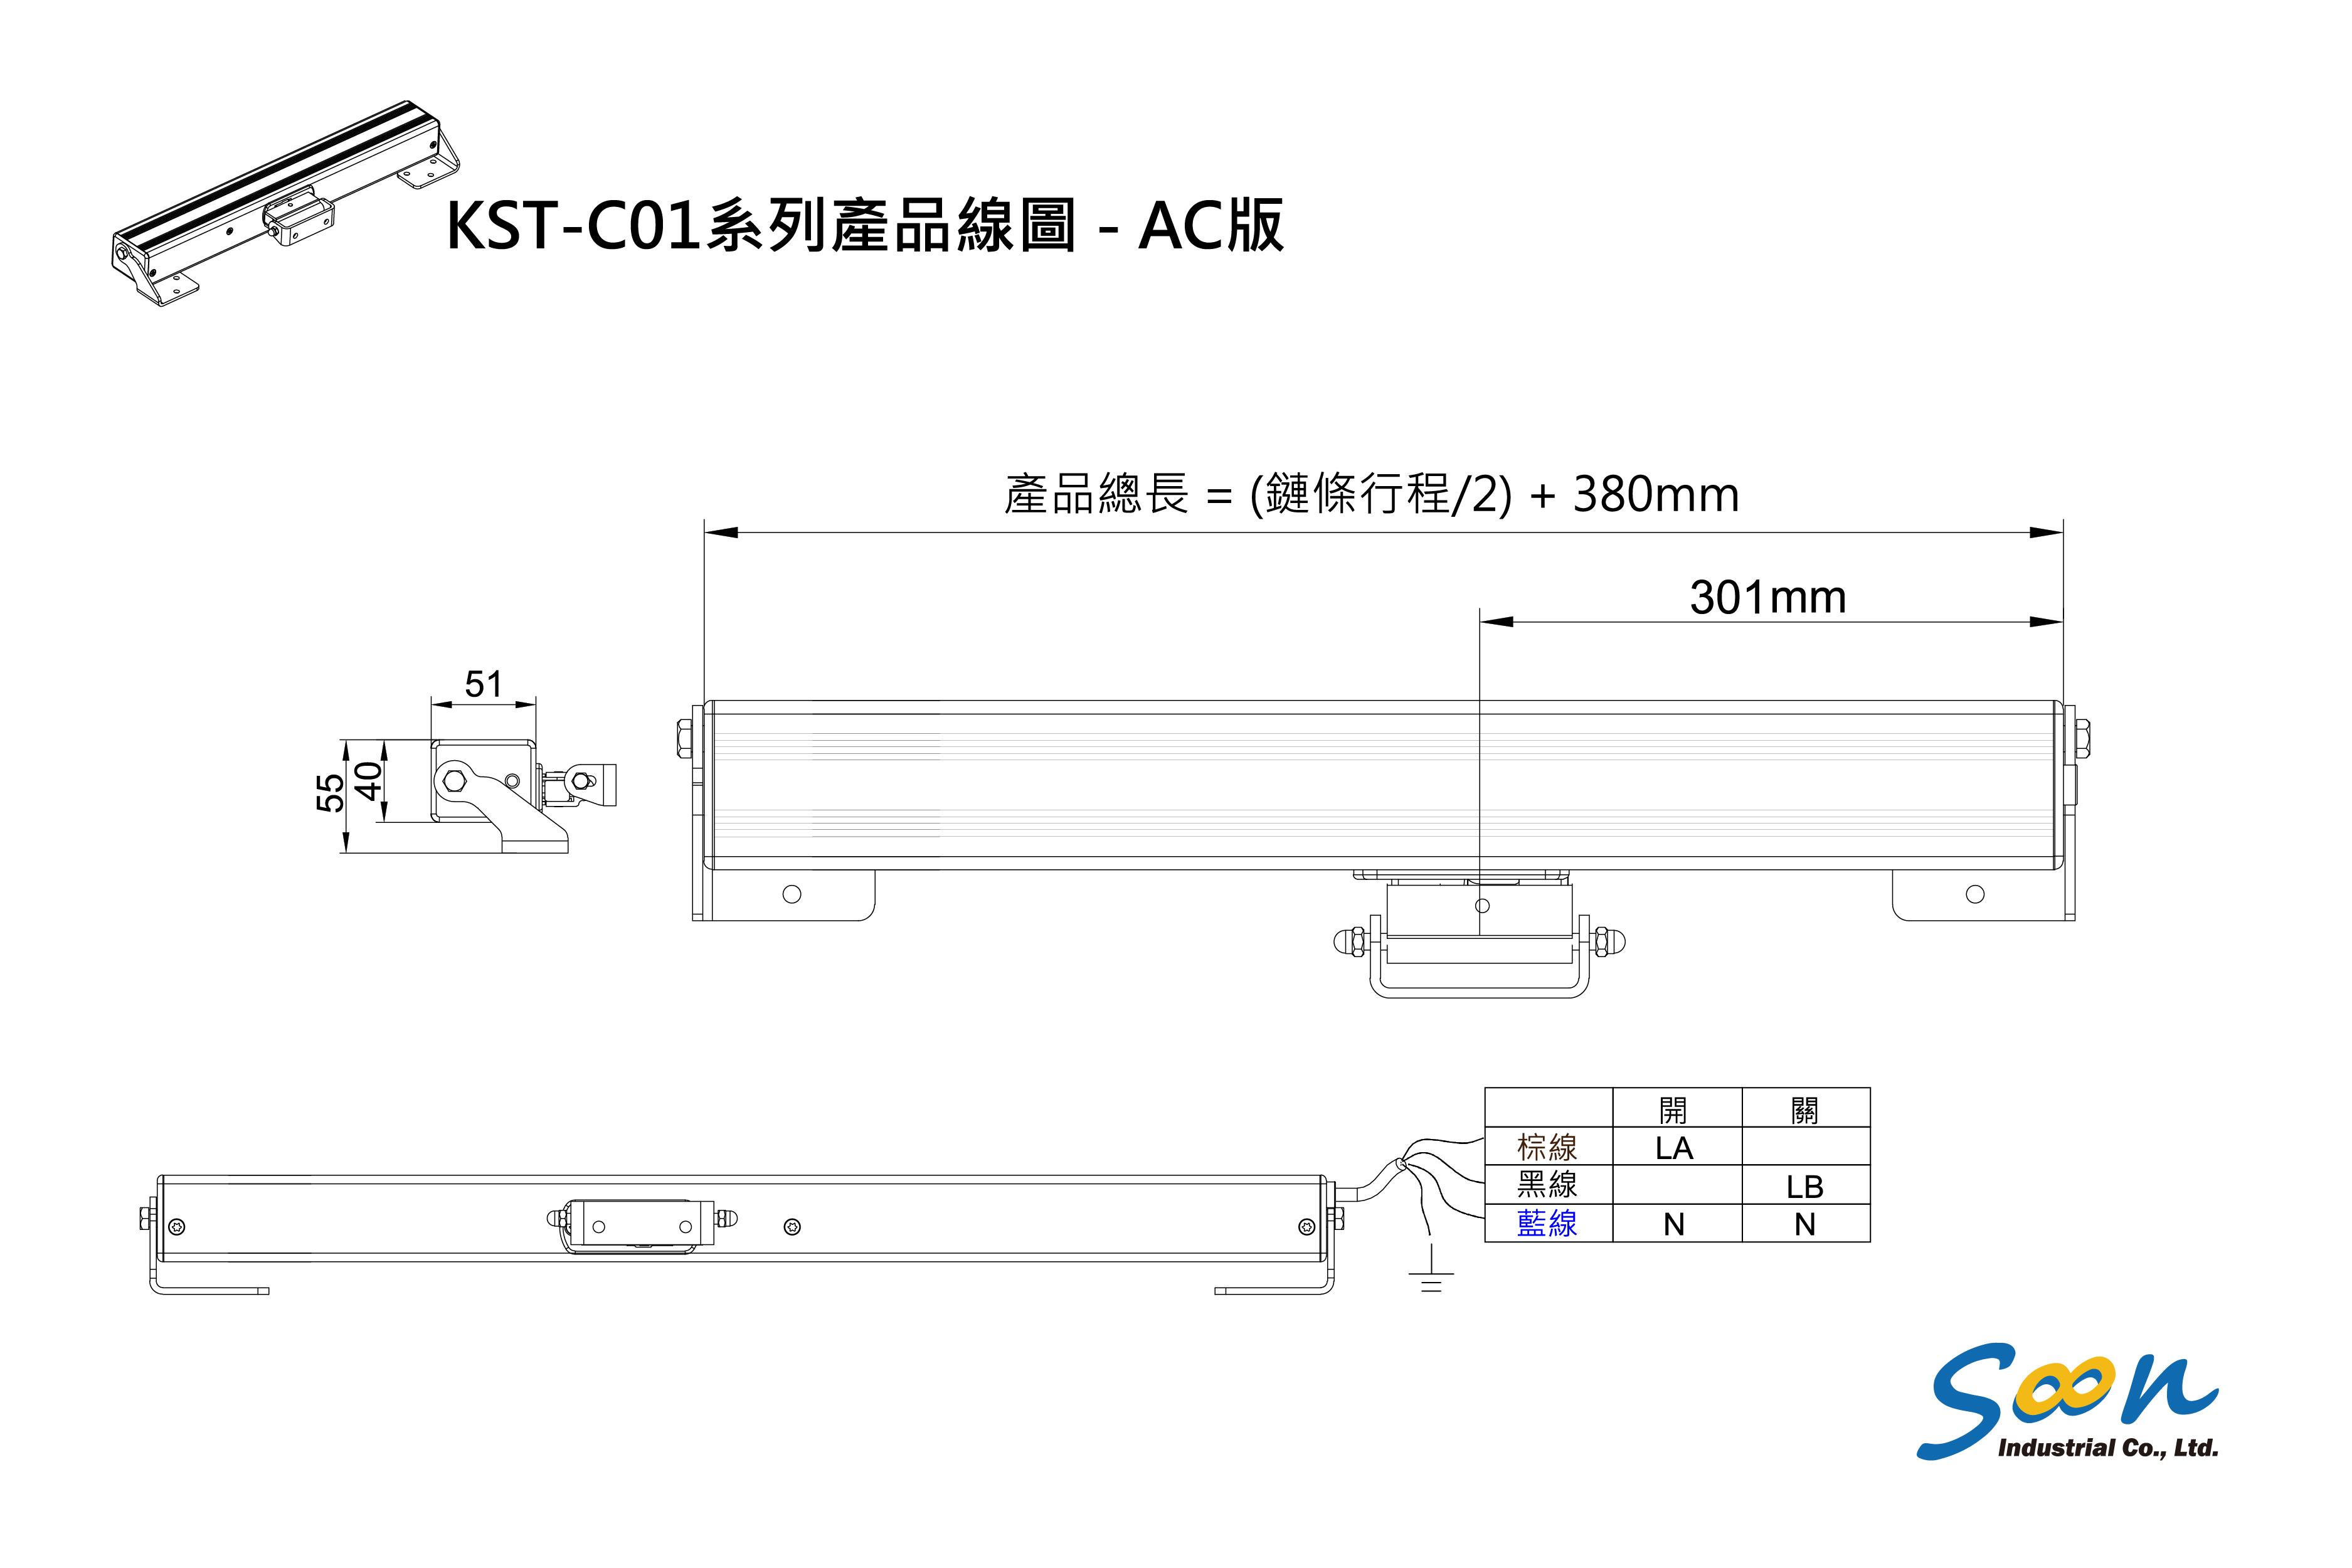 KST-C01 鏈條式開窗器_AC版_產品尺寸圖